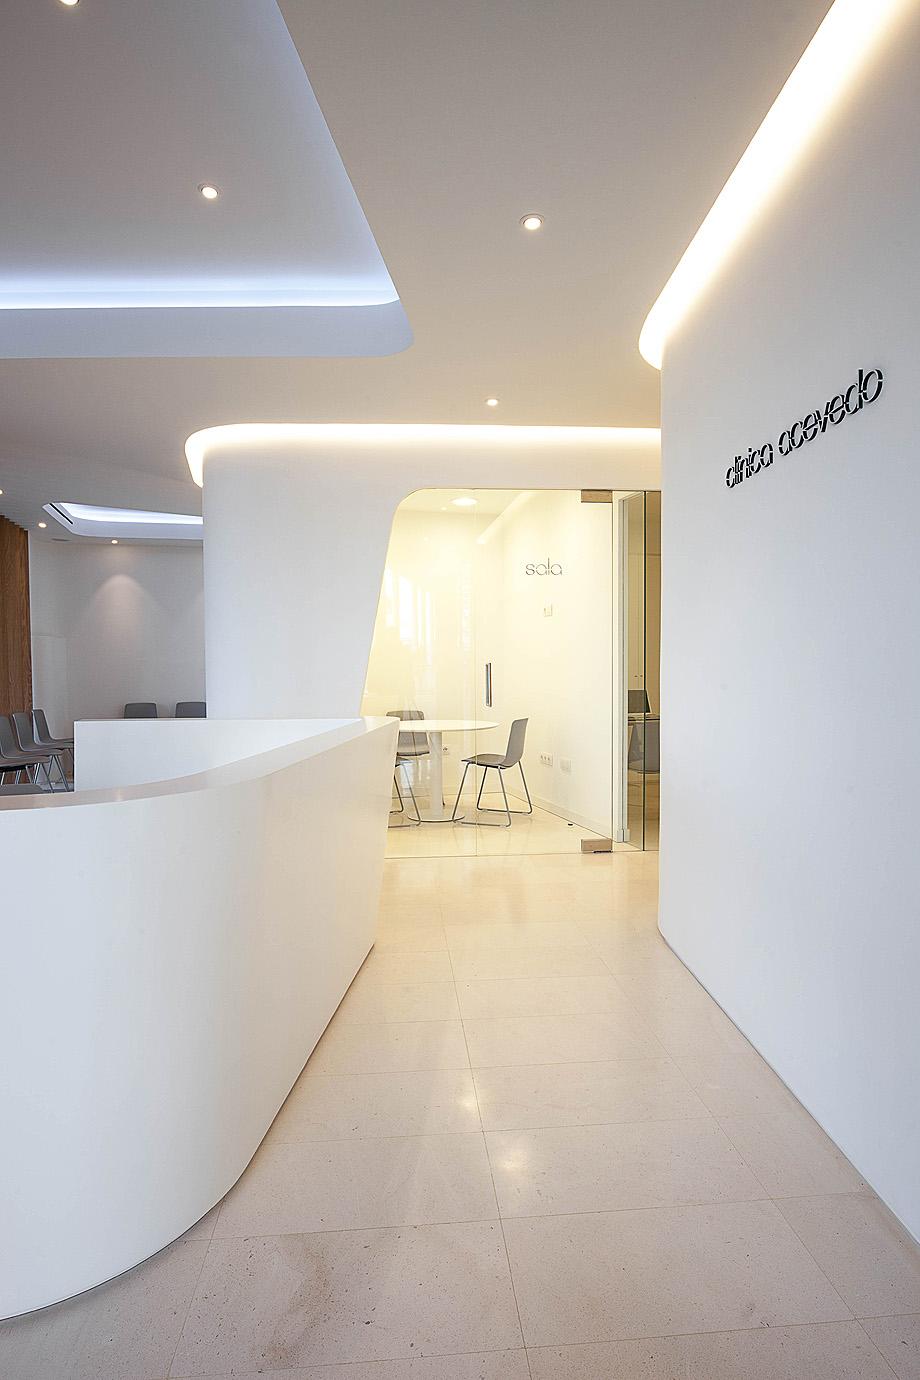 clinica dental acevedo por ylab arquitectos (3)